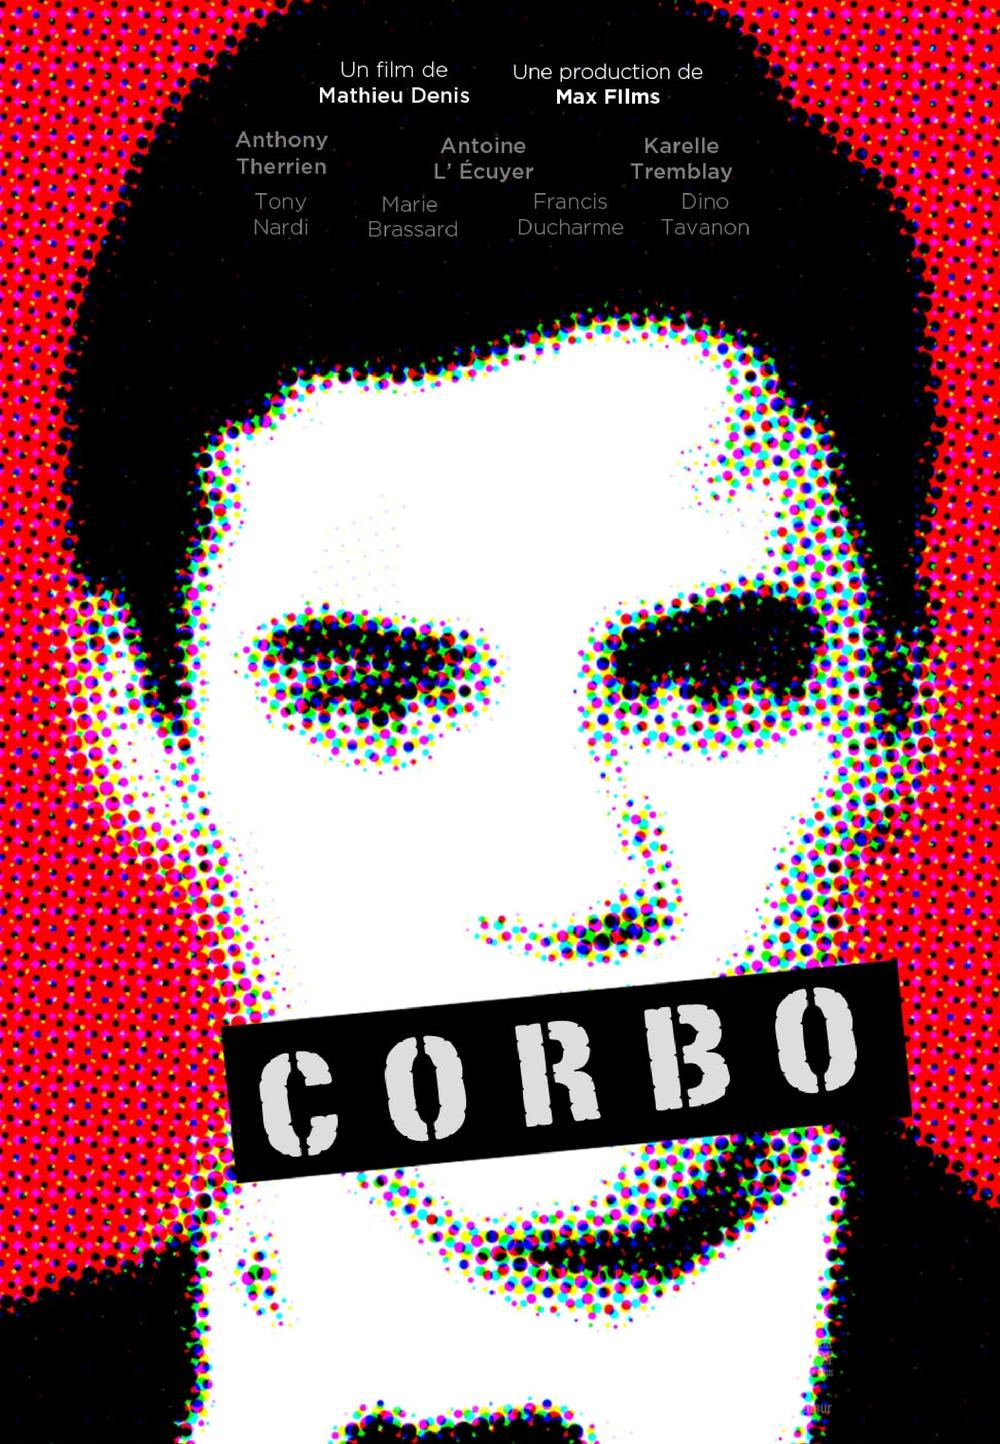 CORBO-Poster-RENZO-27oct_00023.jpg